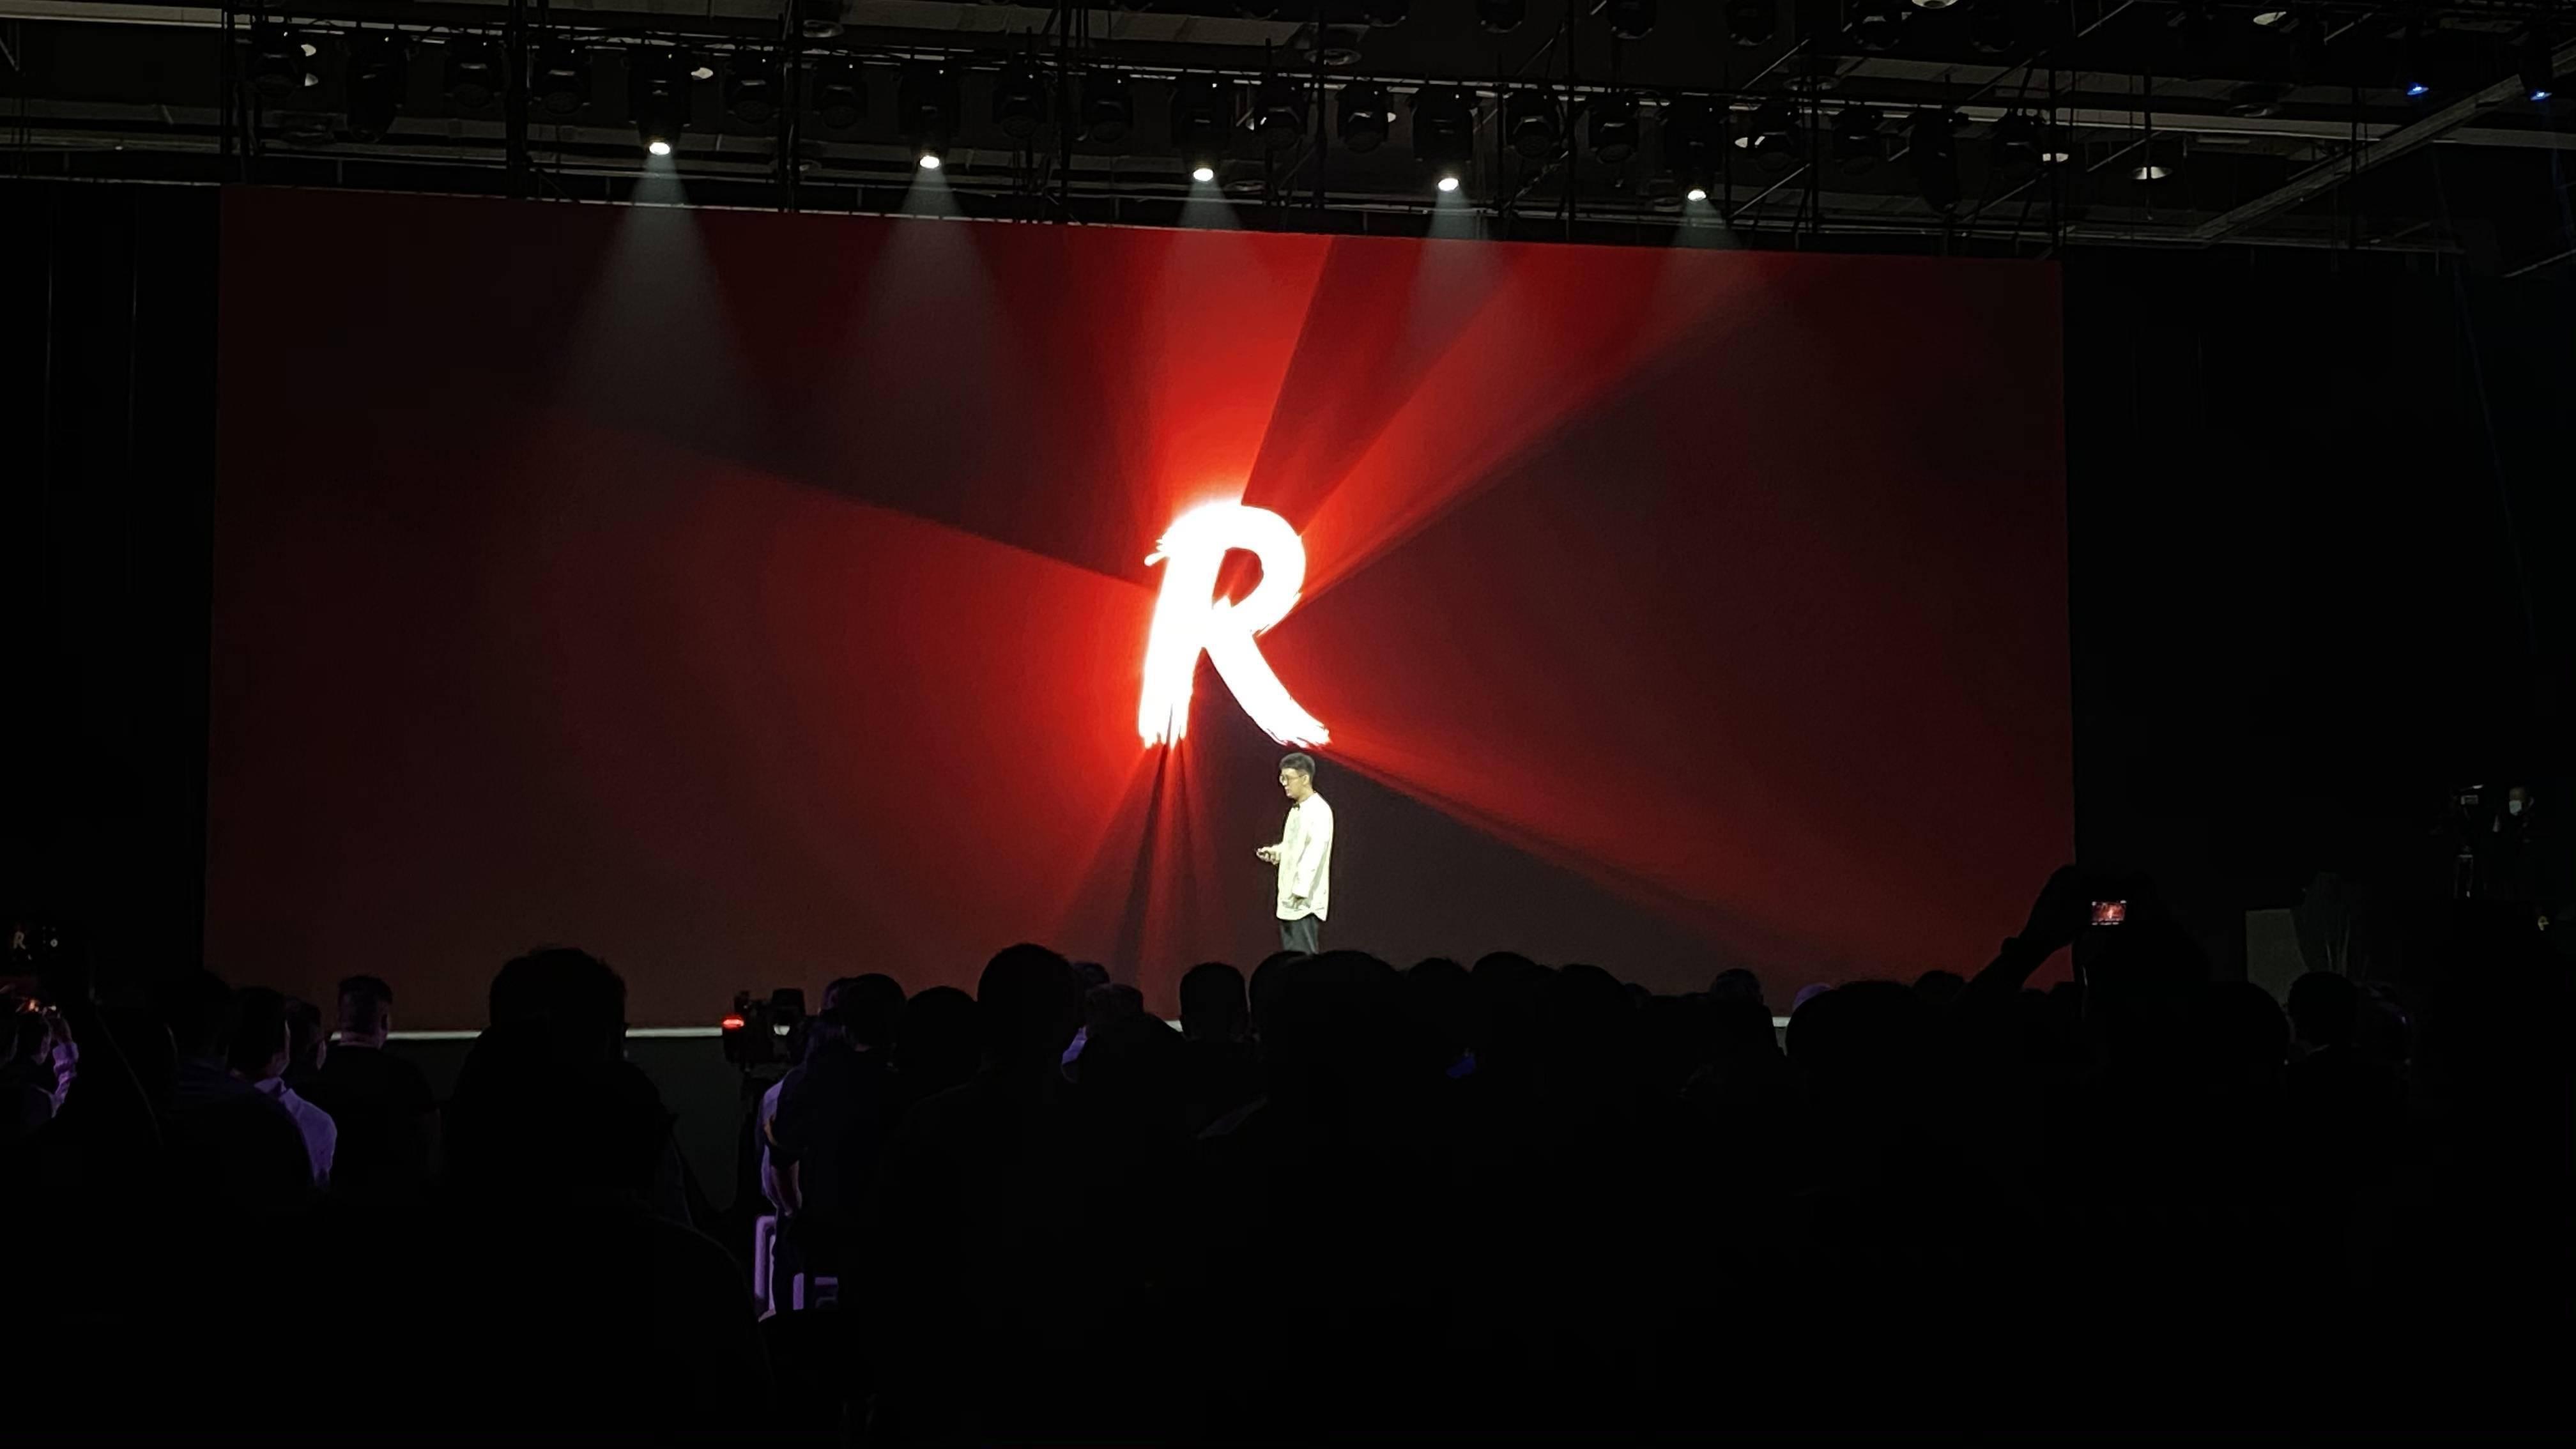 旗舰水准!坚果R2体验:硬件顶尖,软件依旧优秀